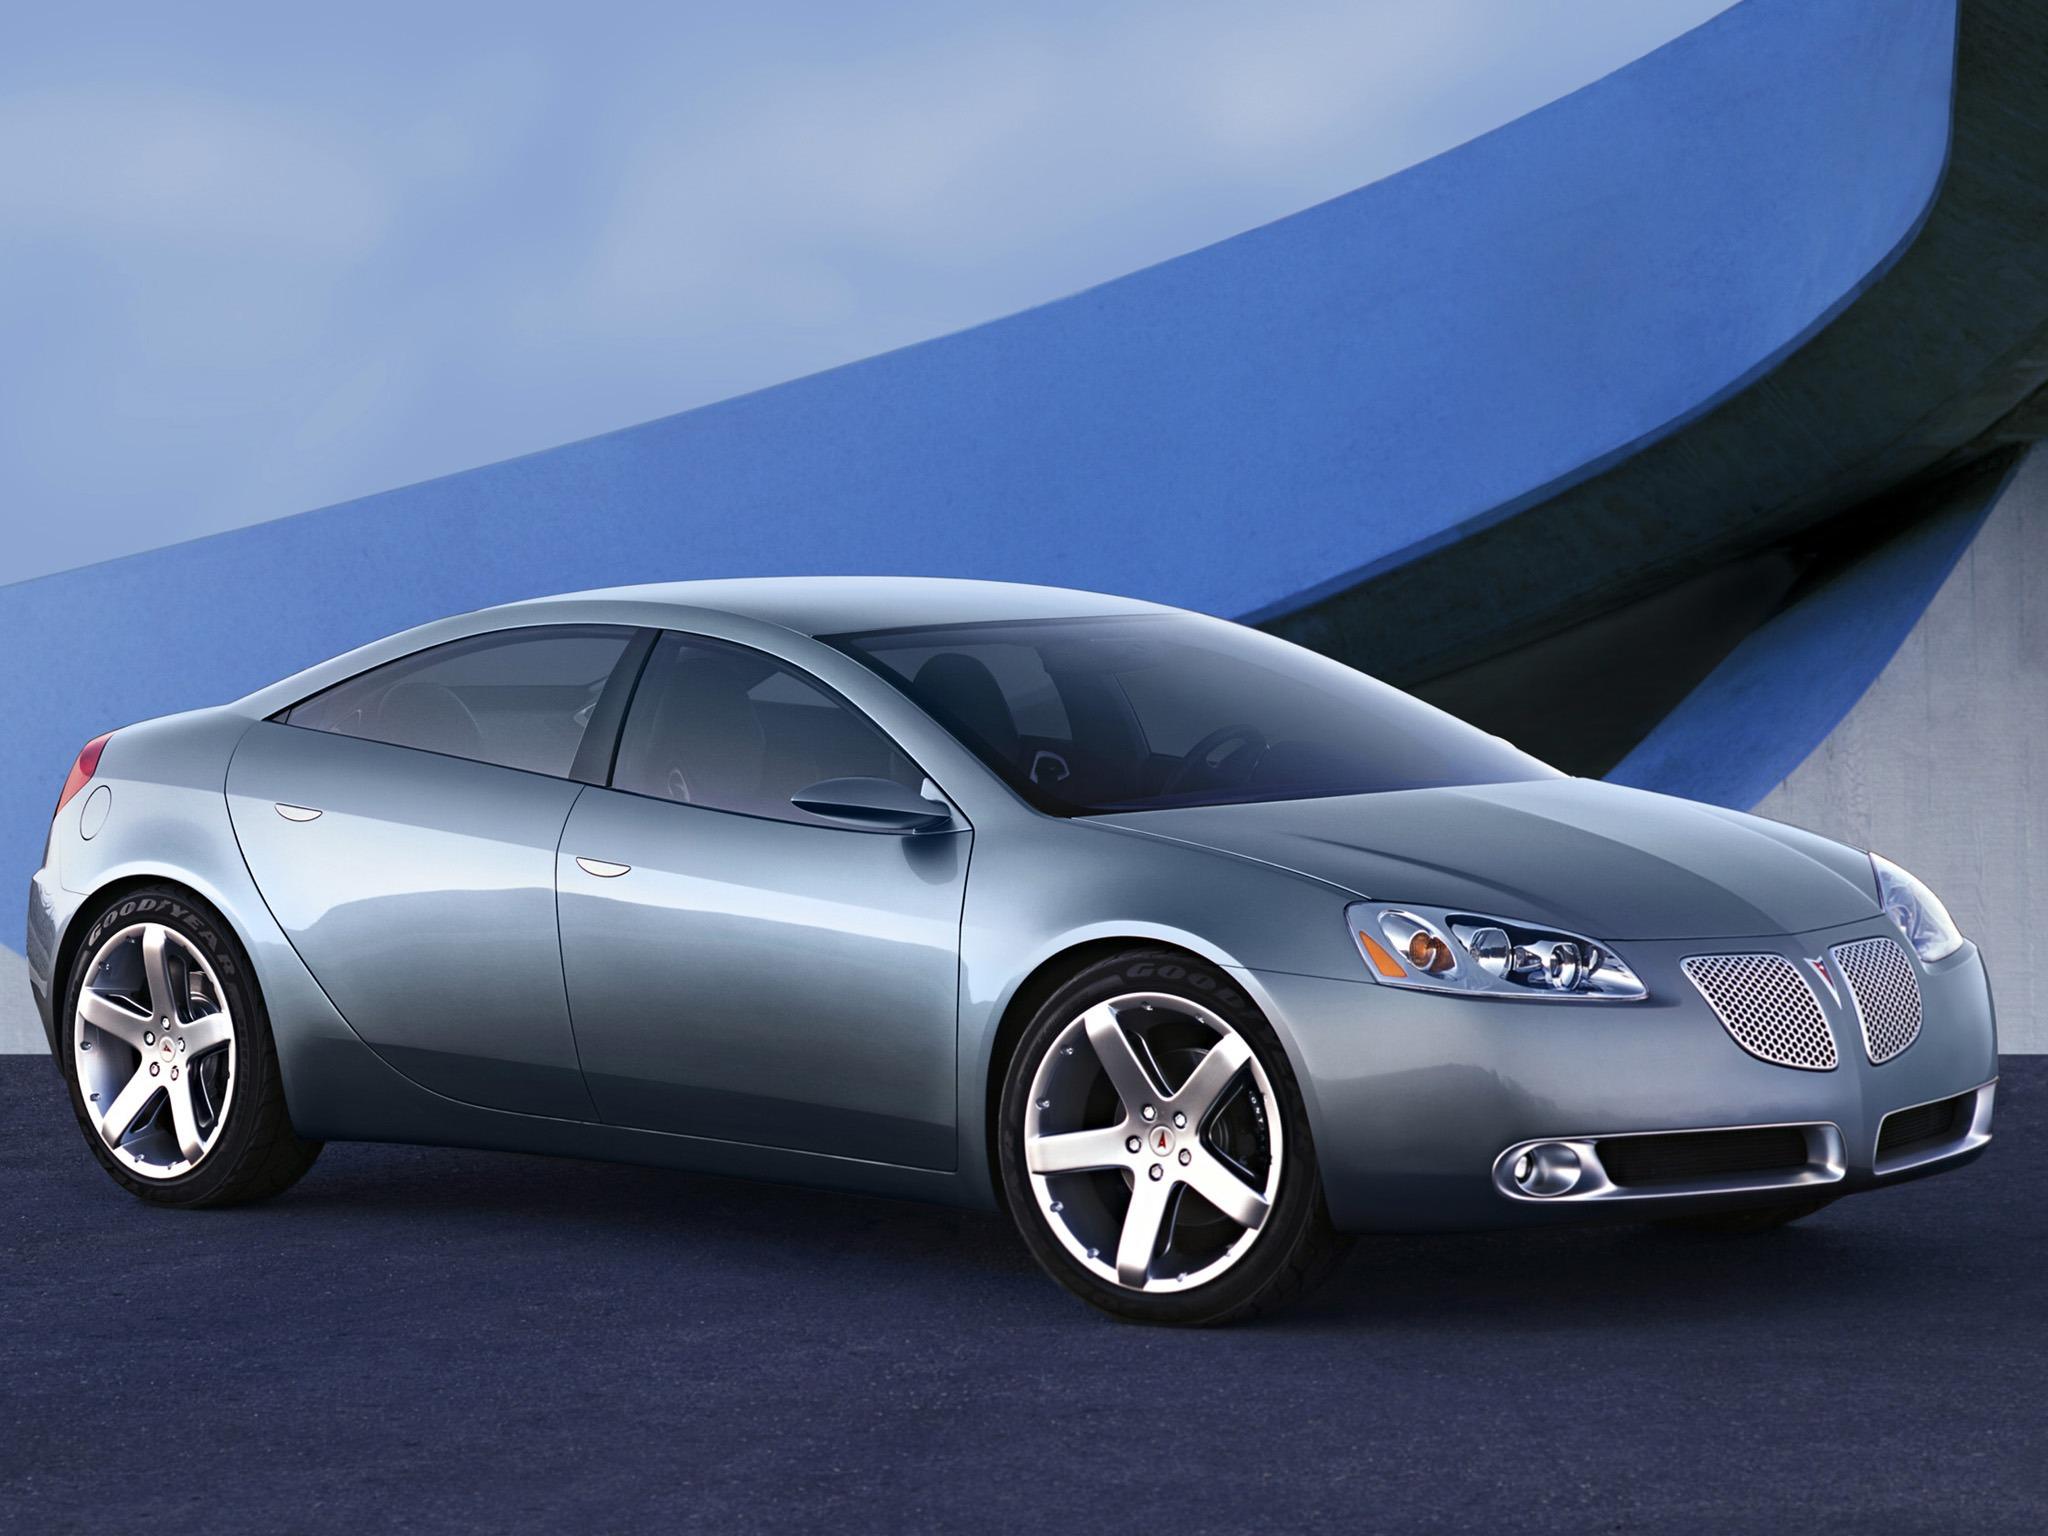 pontiac g6 concept 2003 old concept cars. Black Bedroom Furniture Sets. Home Design Ideas